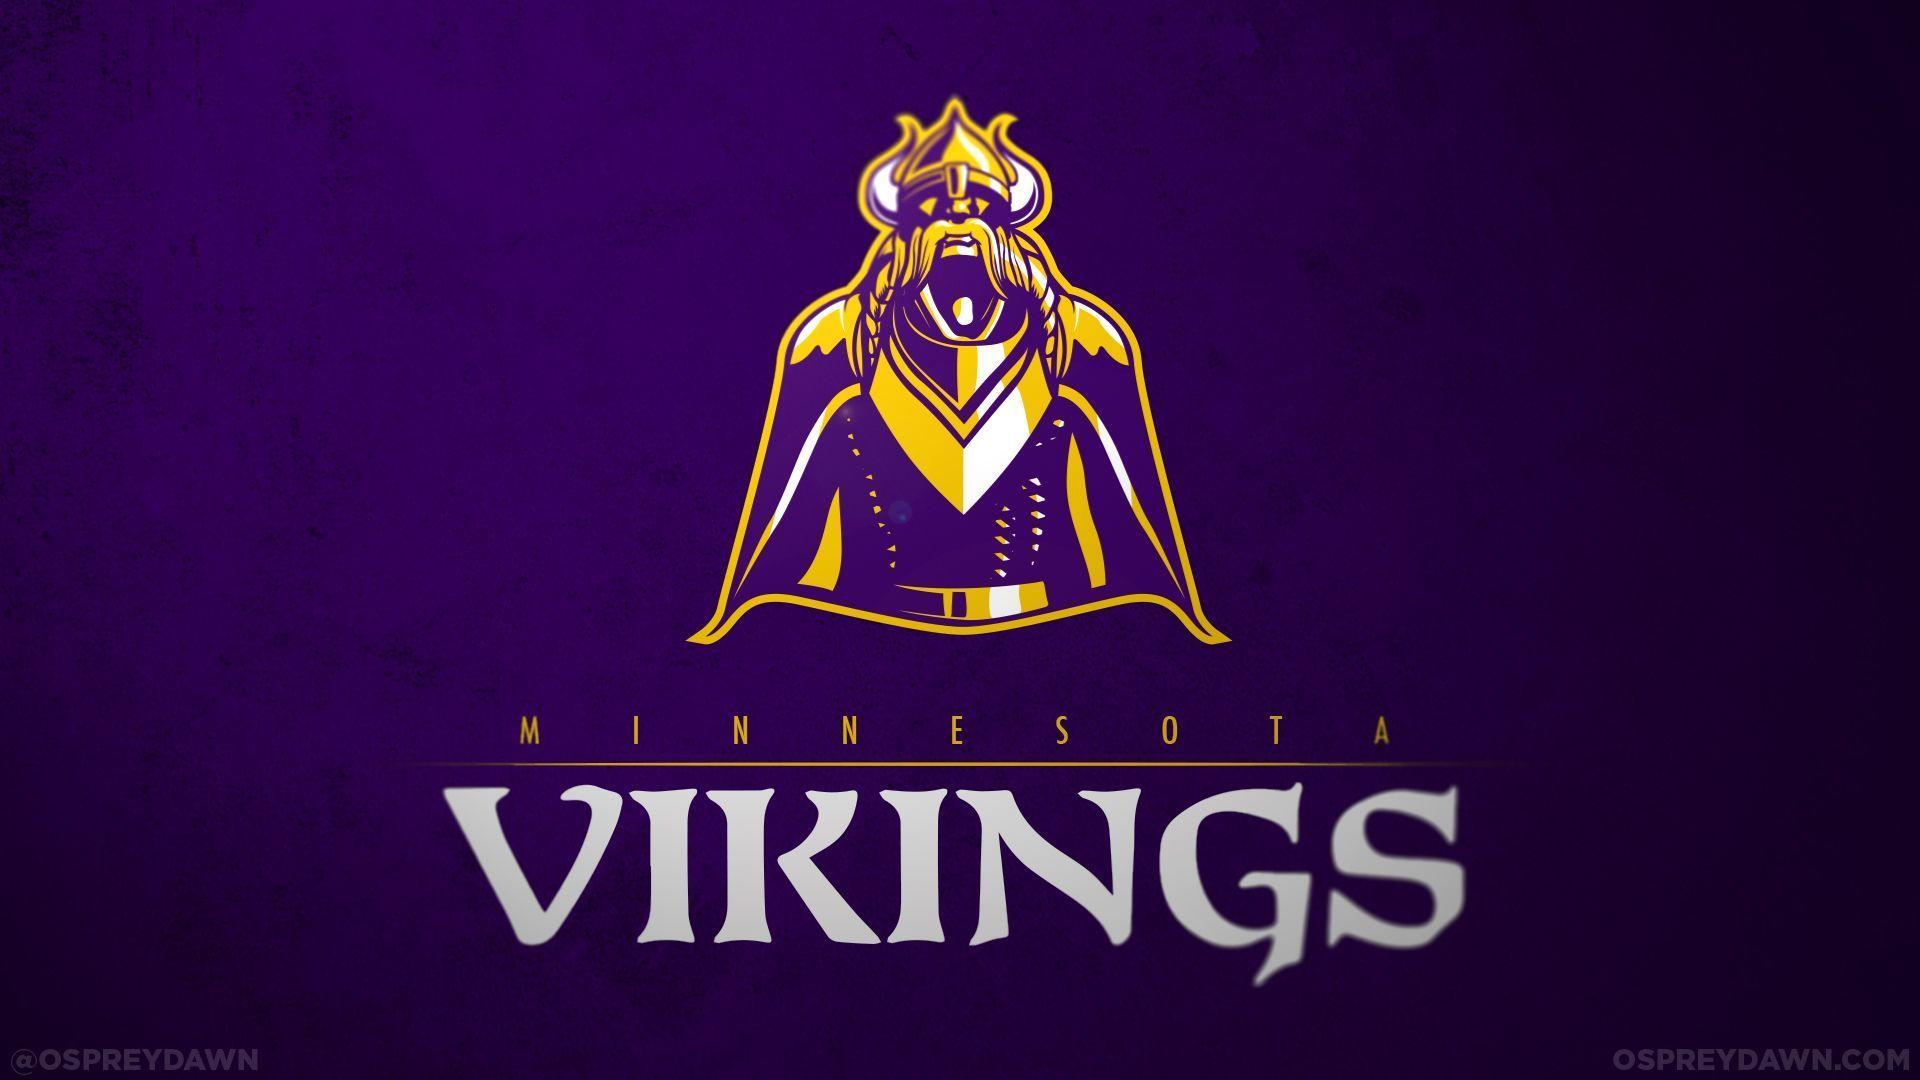 Pin By Sandi Vogt On Minnesota Vikings In 2020 Minnesota Vikings Wallpaper Nfl Teams Logos Minnesota Vikings